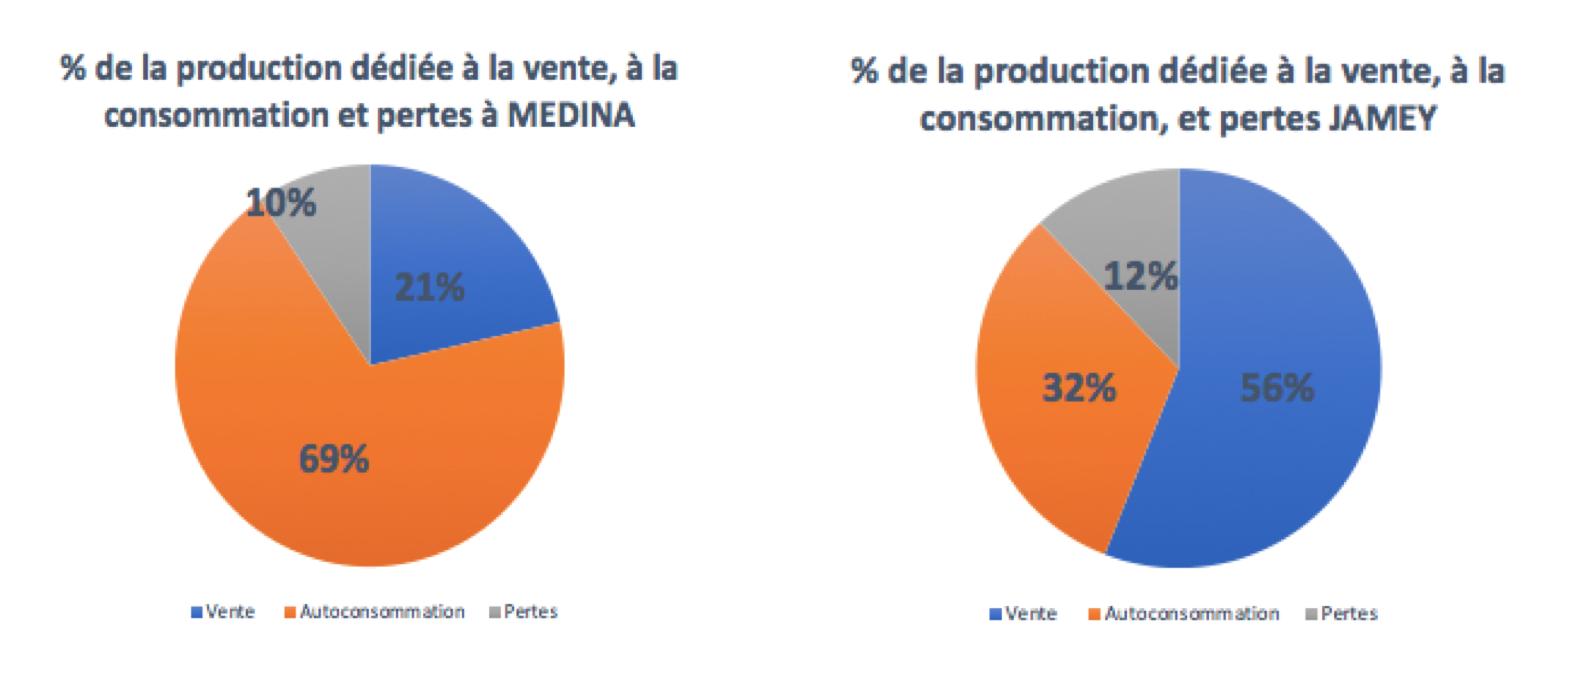 Schéma de la répartition des ventes, de la consommation et des pertes à Medina et Jamey. Source Th. Emery